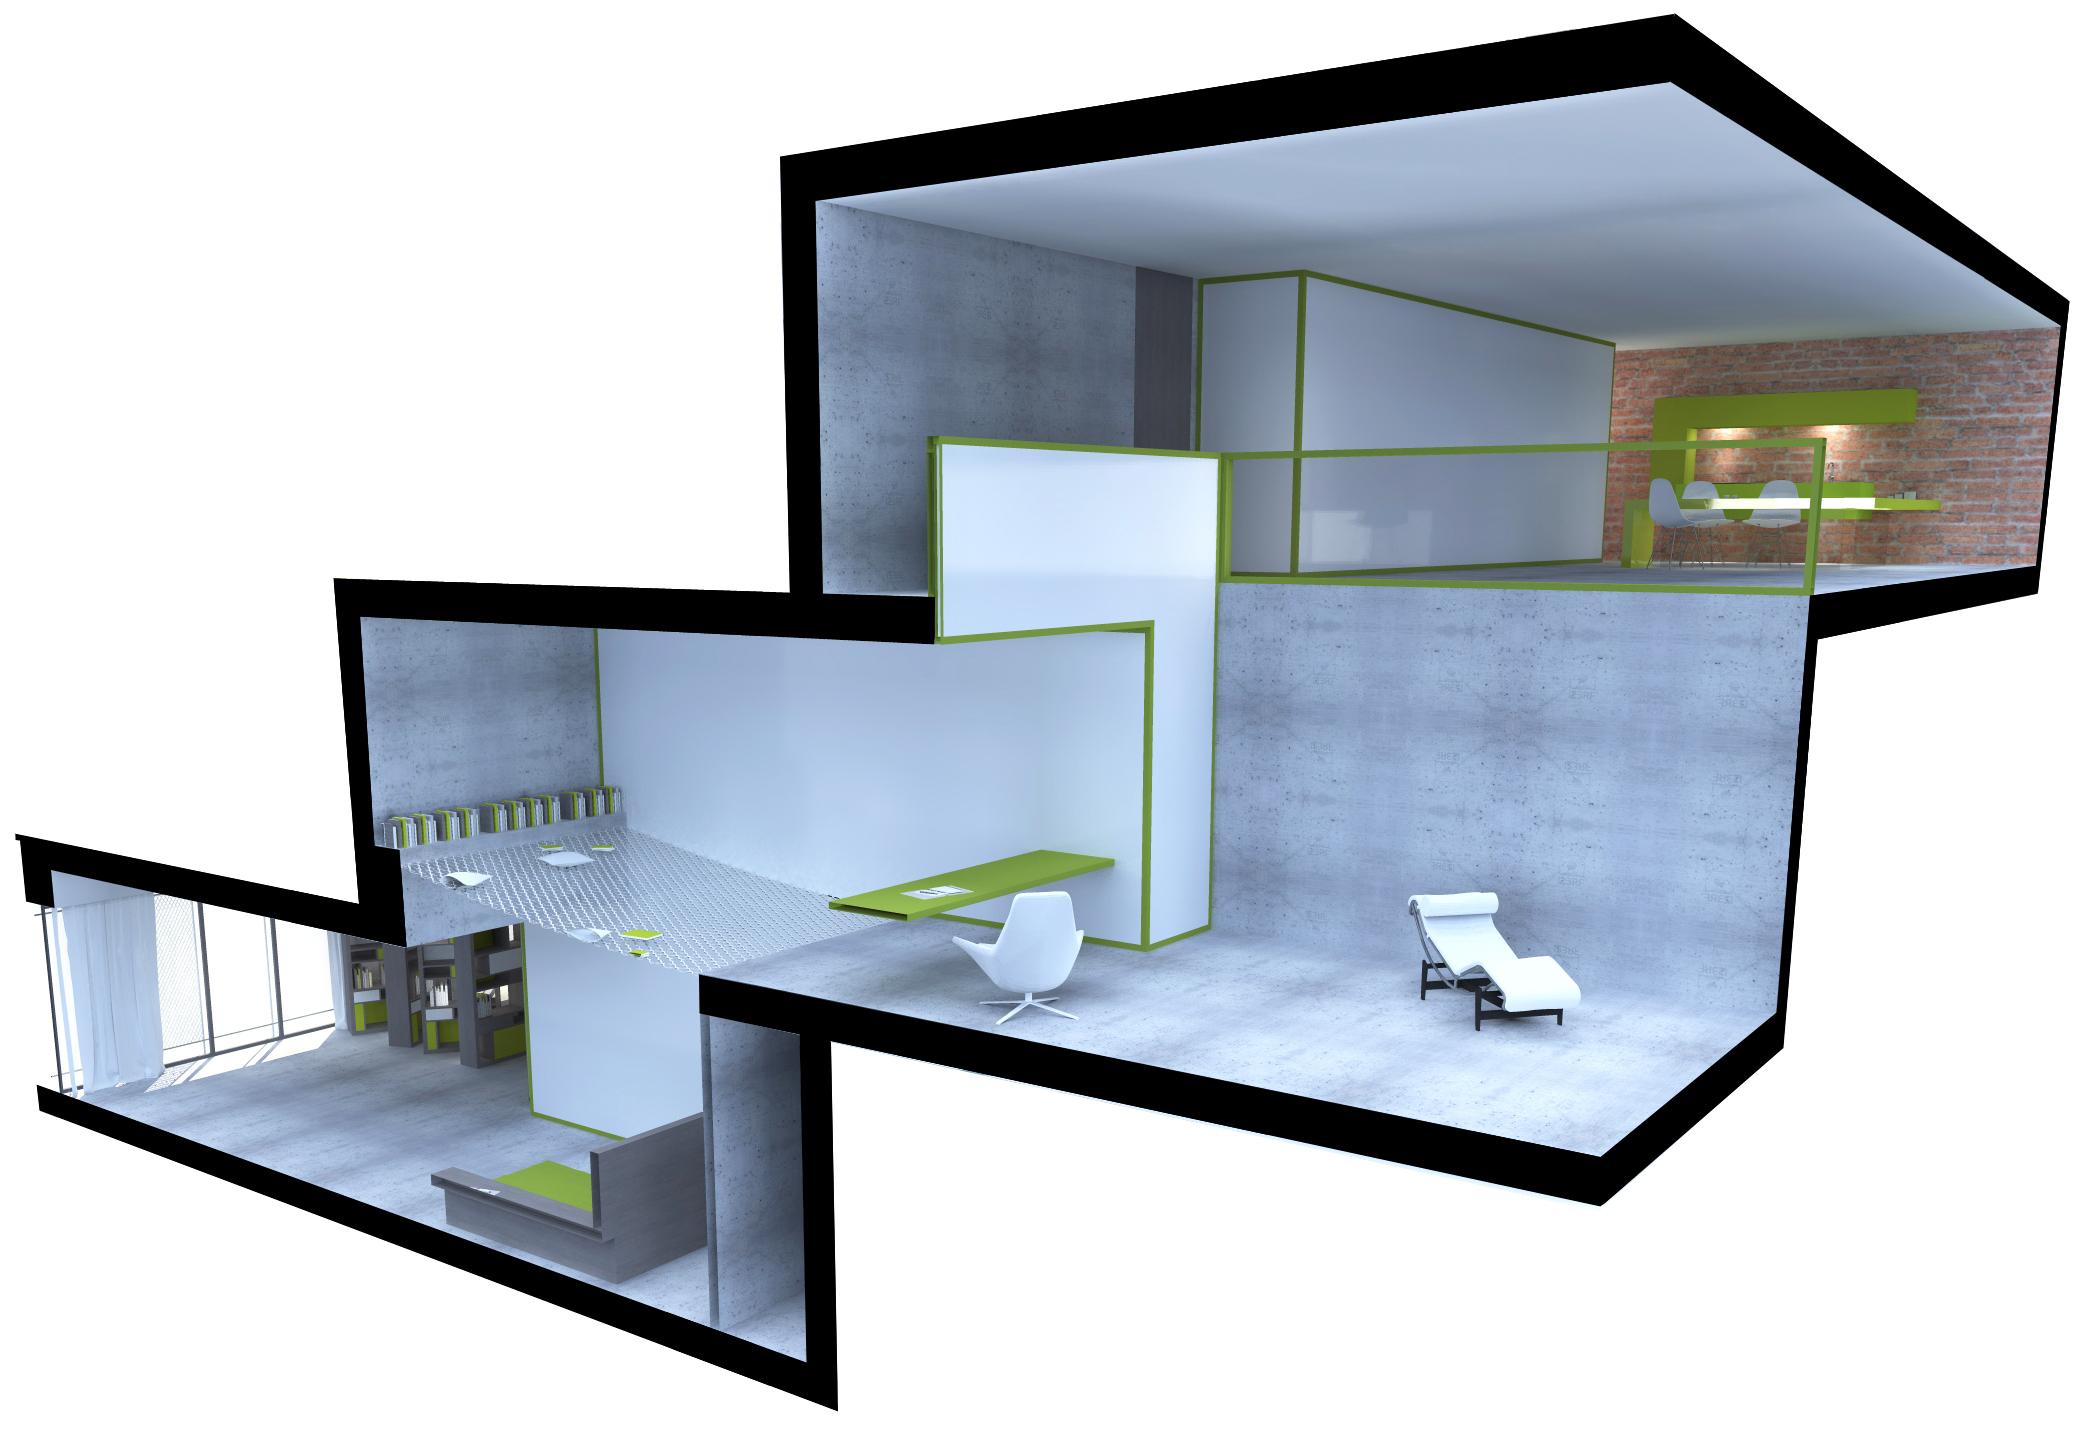 louisedelabre architecte interieur loft 2 06 l d interieur. Black Bedroom Furniture Sets. Home Design Ideas